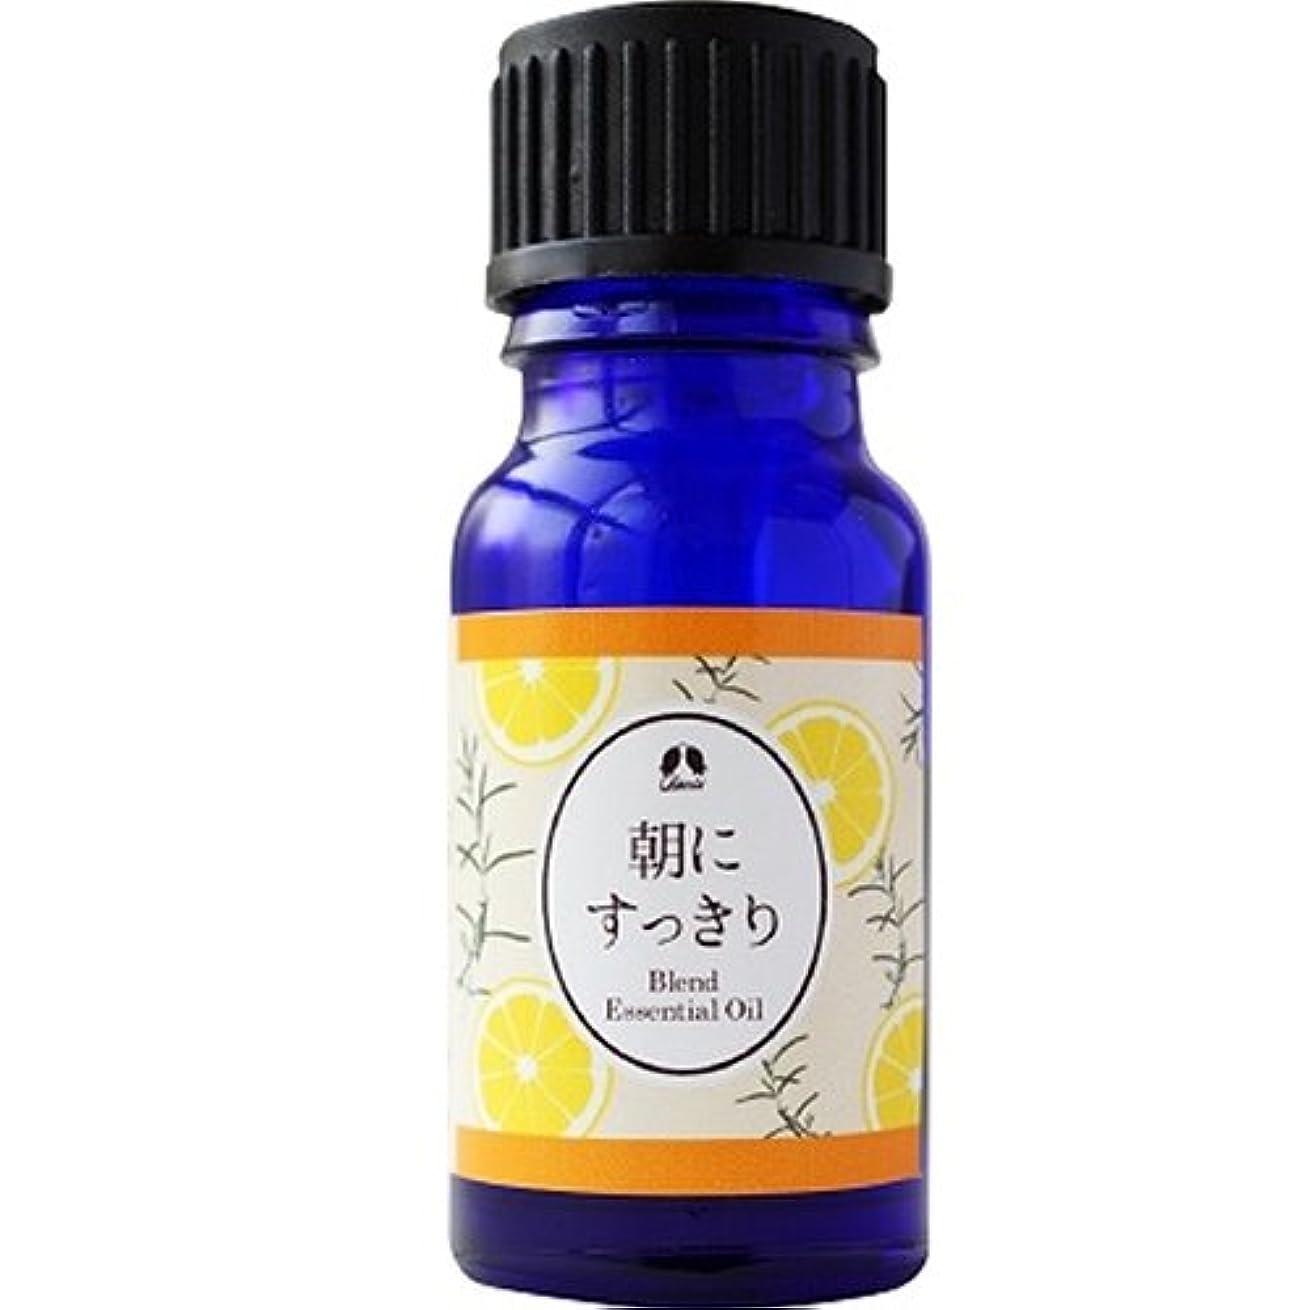 通貨レギュラー乳製品カリス成城 朝にすっきりブレンドオイル (ローズマリー×レモン)10ml